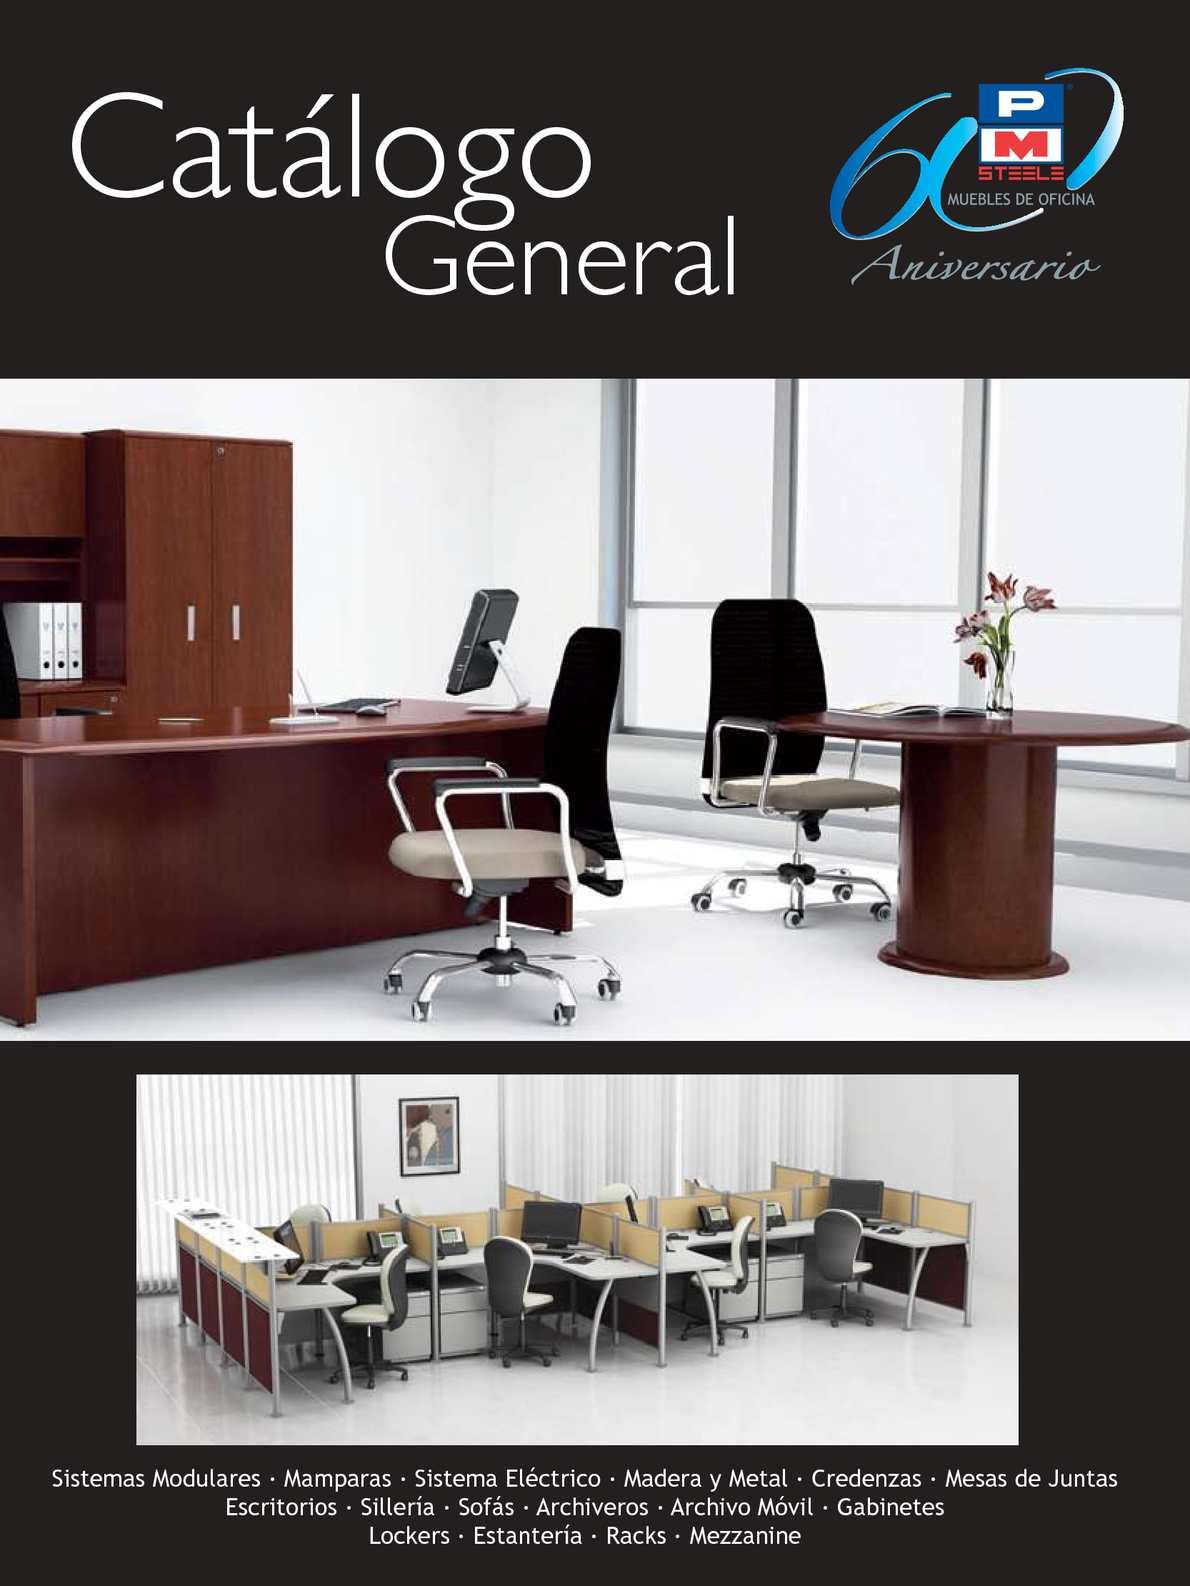 Calam o pm steele catalogo 2011 - Muebles de oficina catalogo ...